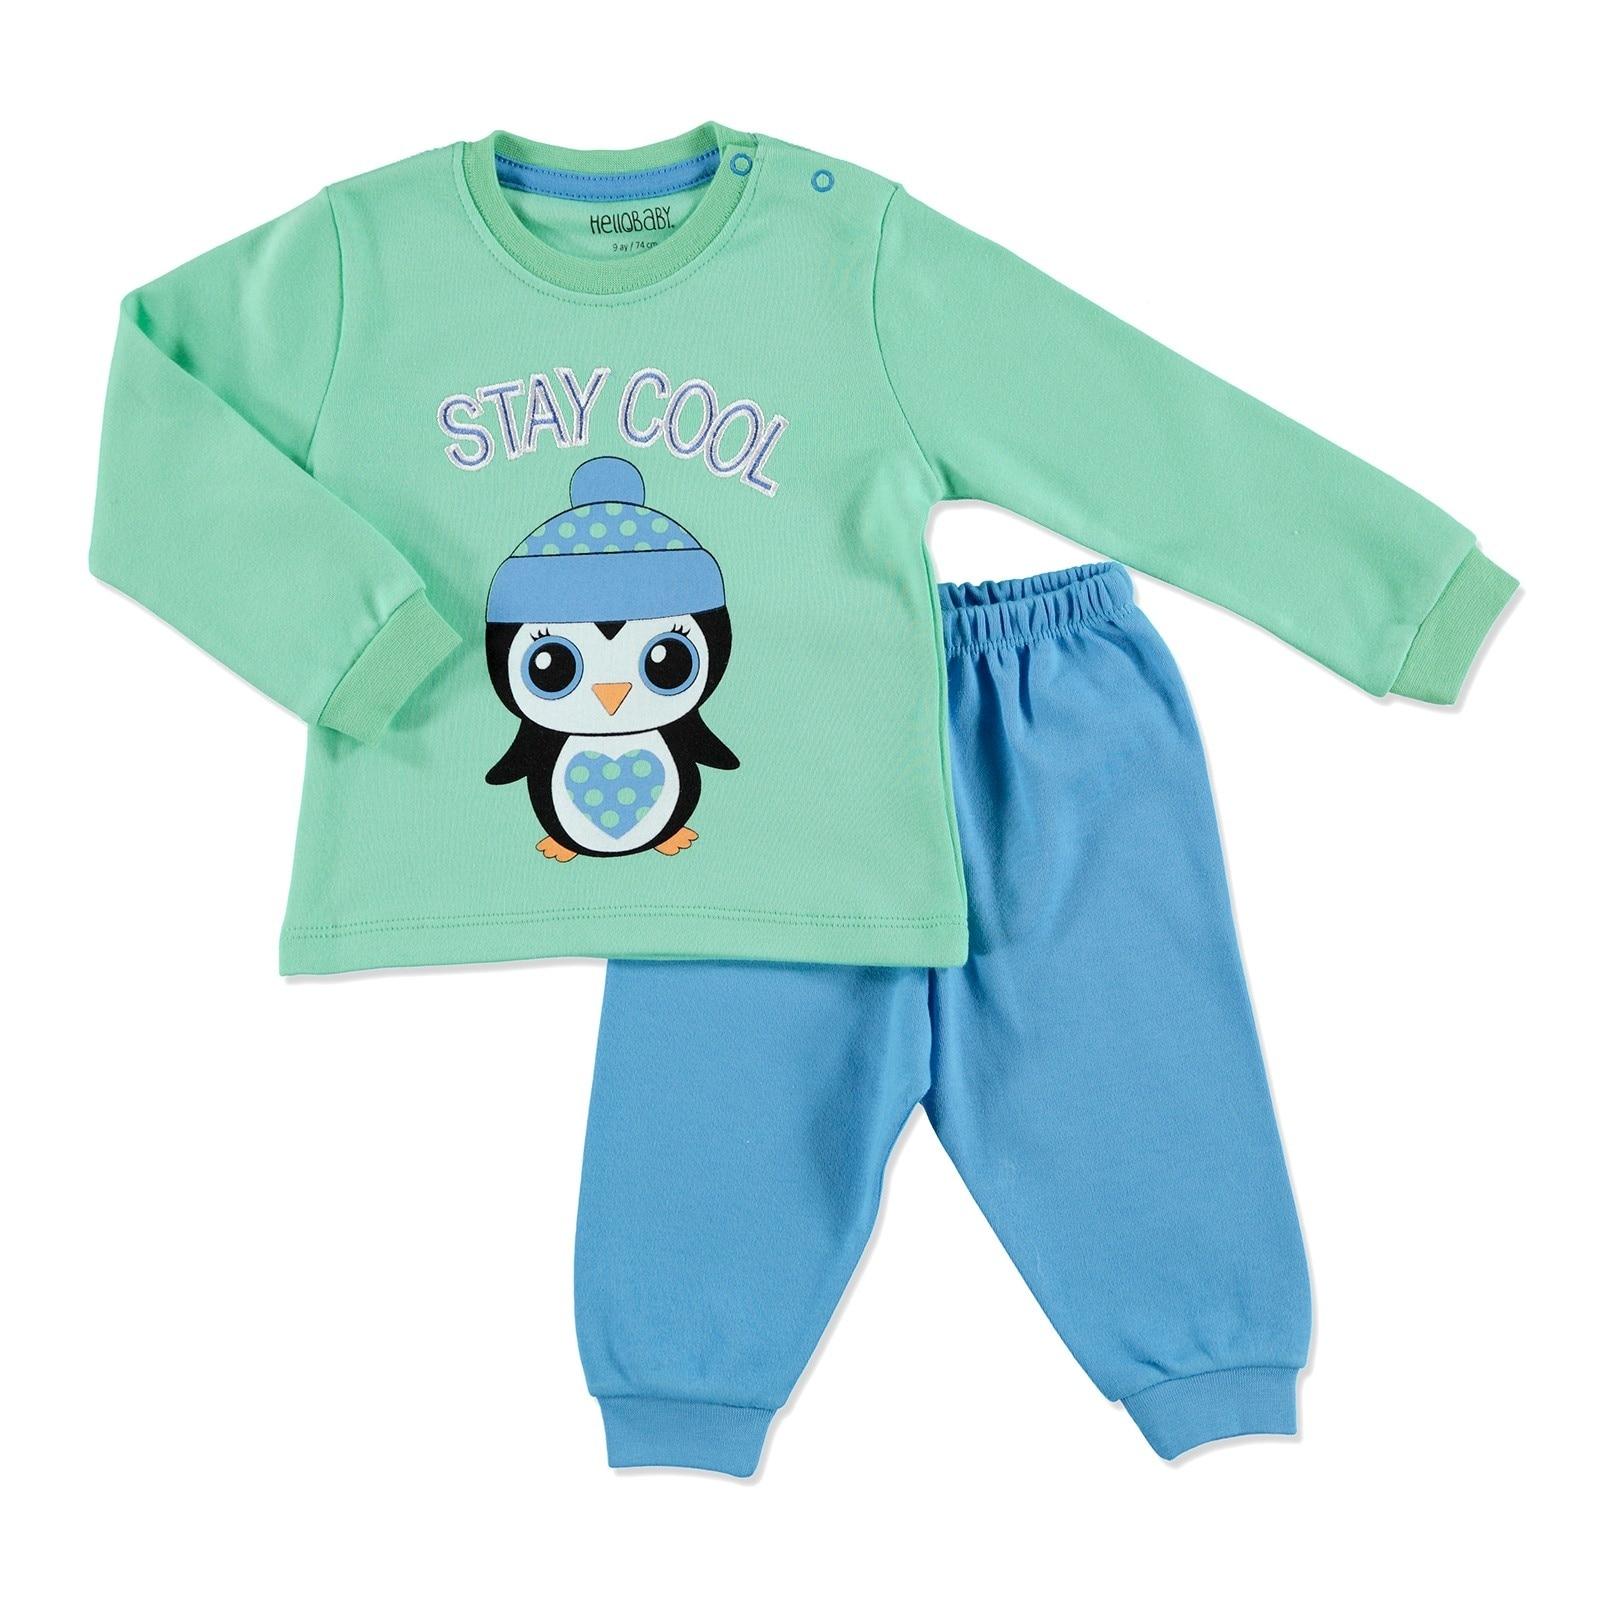 Ebebek HelloBaby Winter Baby Basic Embroidered Pyjama Set